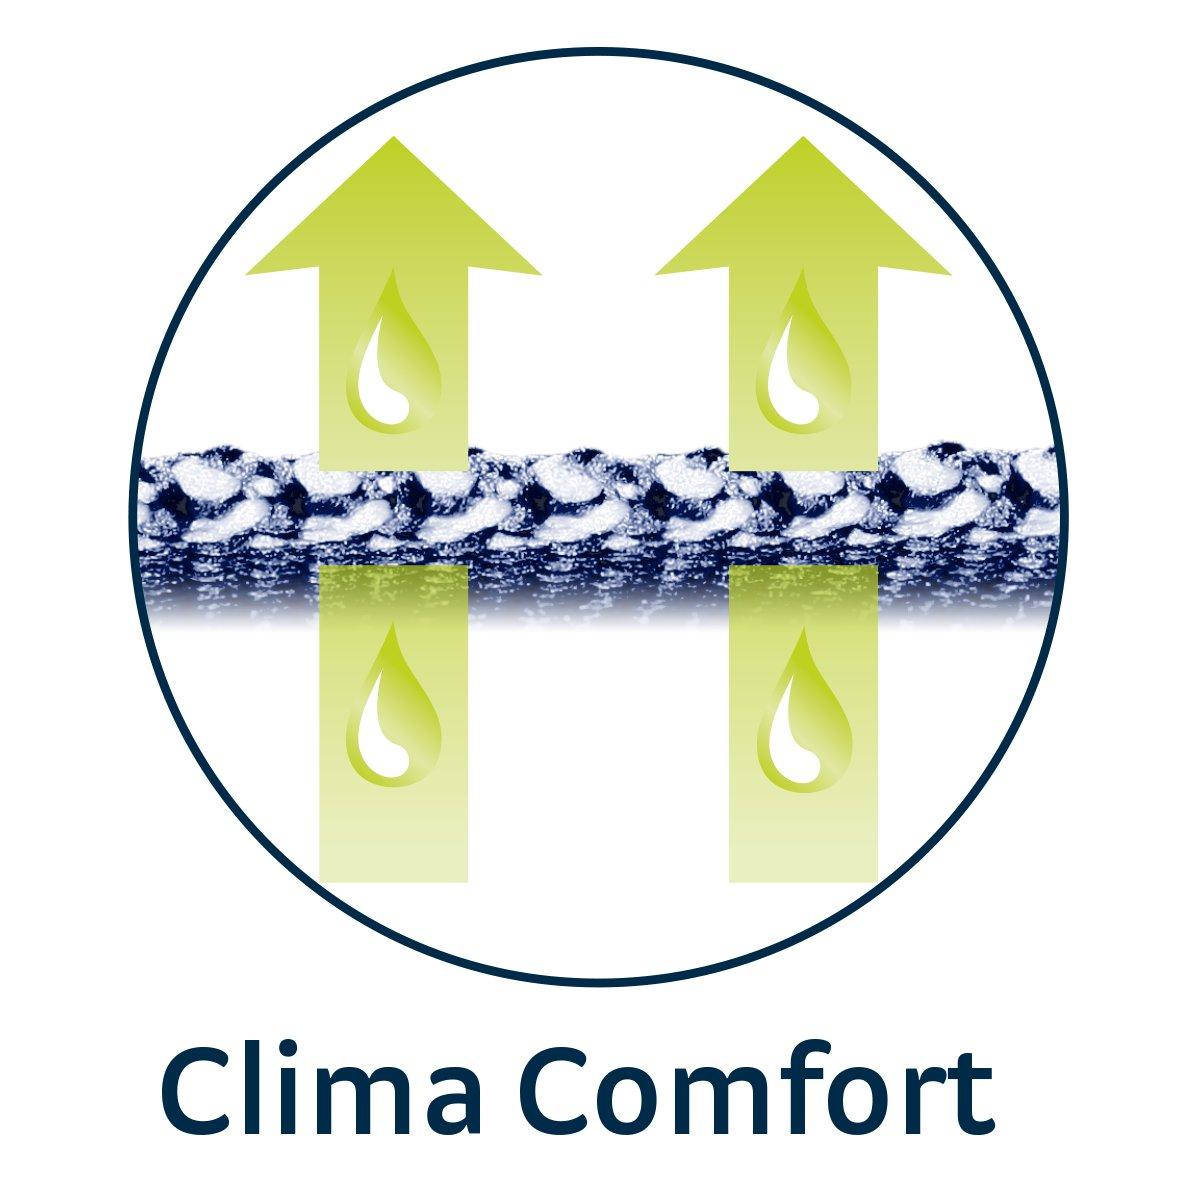 Emotion-2-Clima-Comfort-blue-PICO veinom